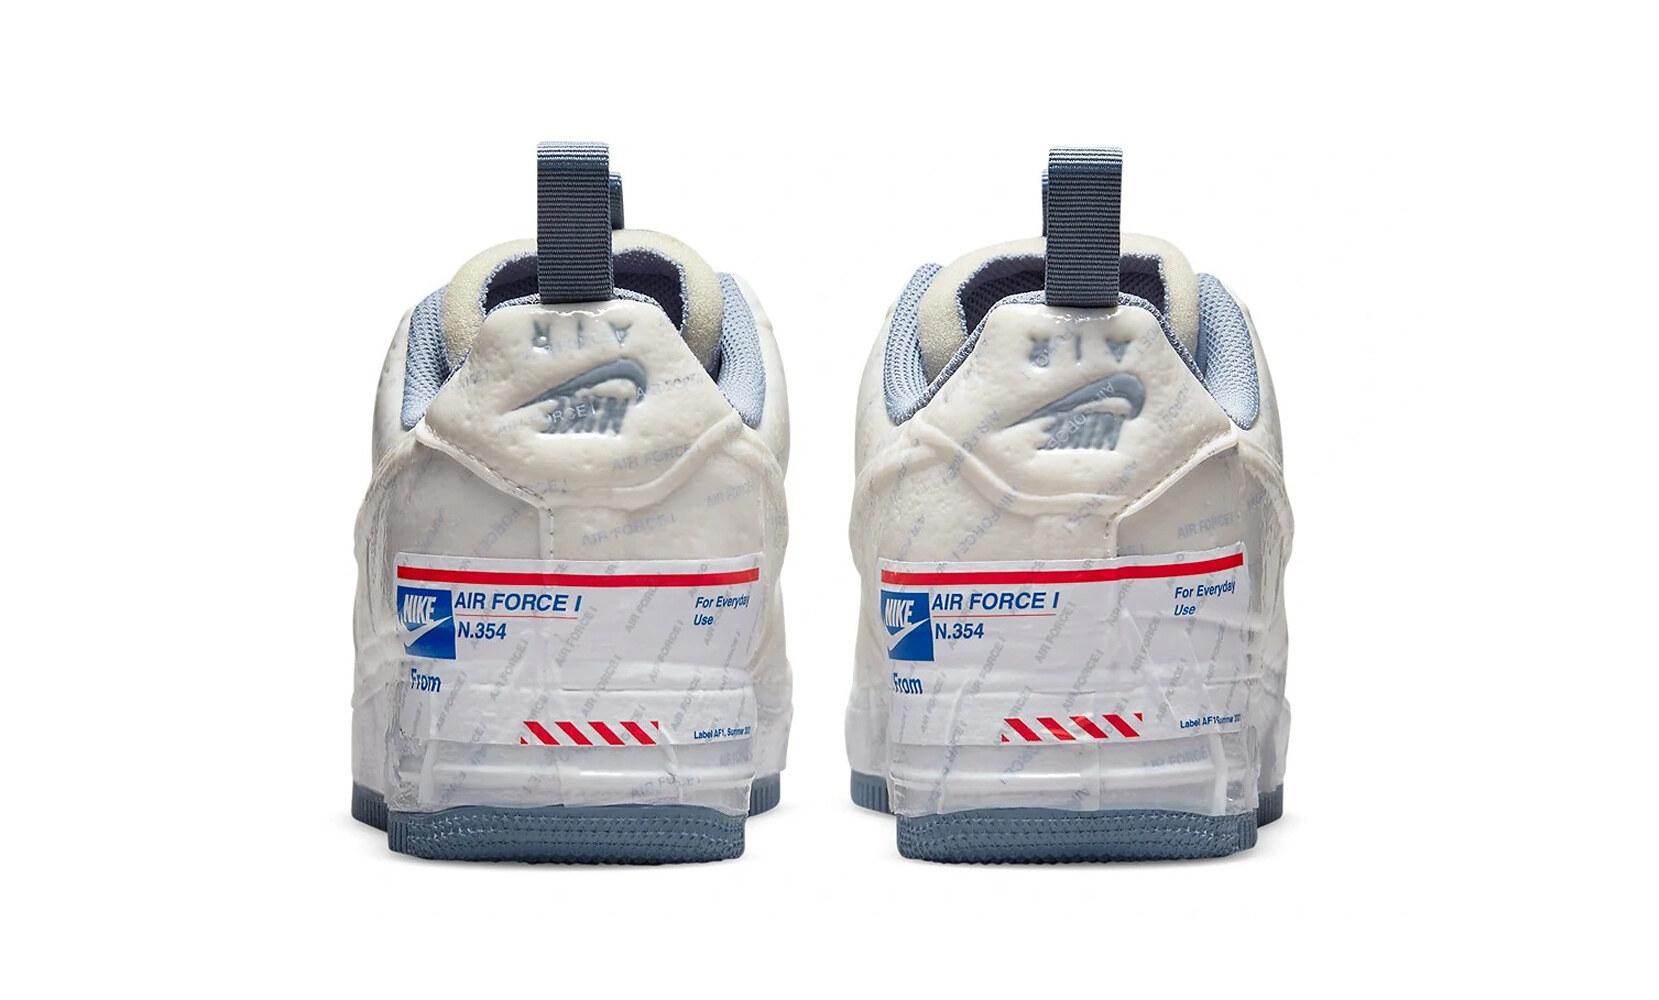 USPS x Nike Air Force 1